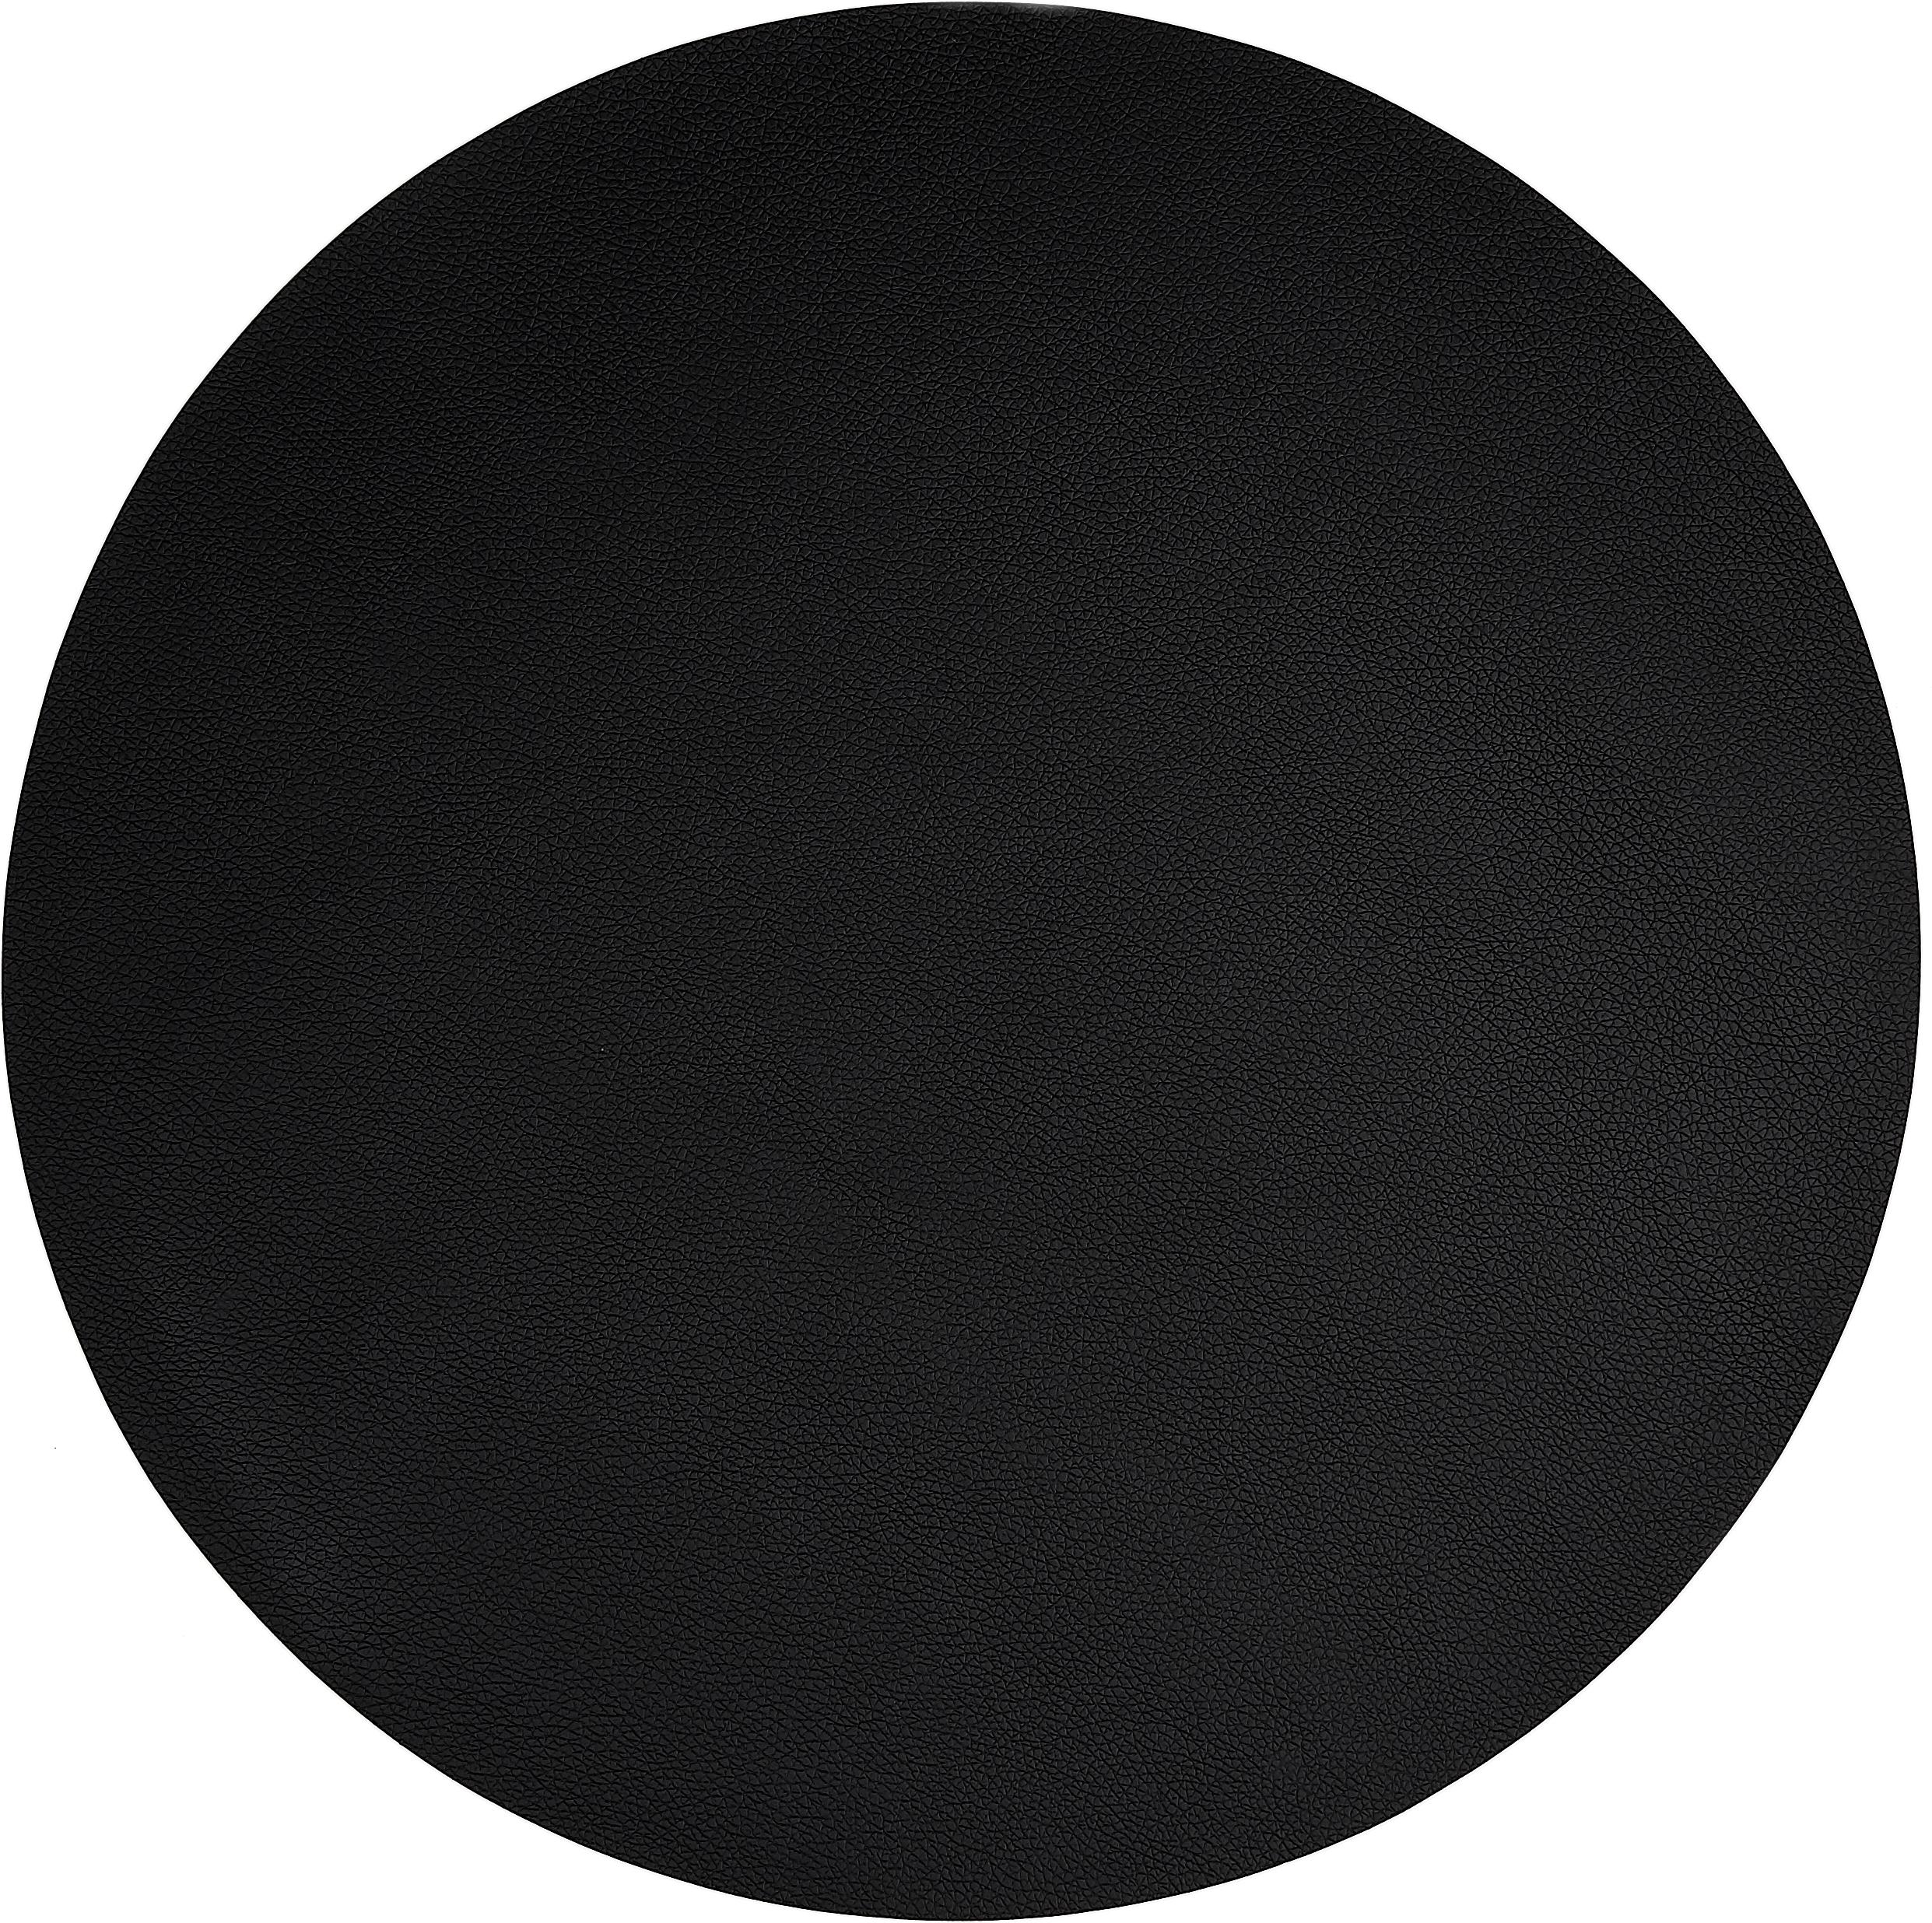 Runde Kunstleder-Tischsets Pik, 2 Stück, Kunstleder (PVC), Schwarz, Ø 38 cm